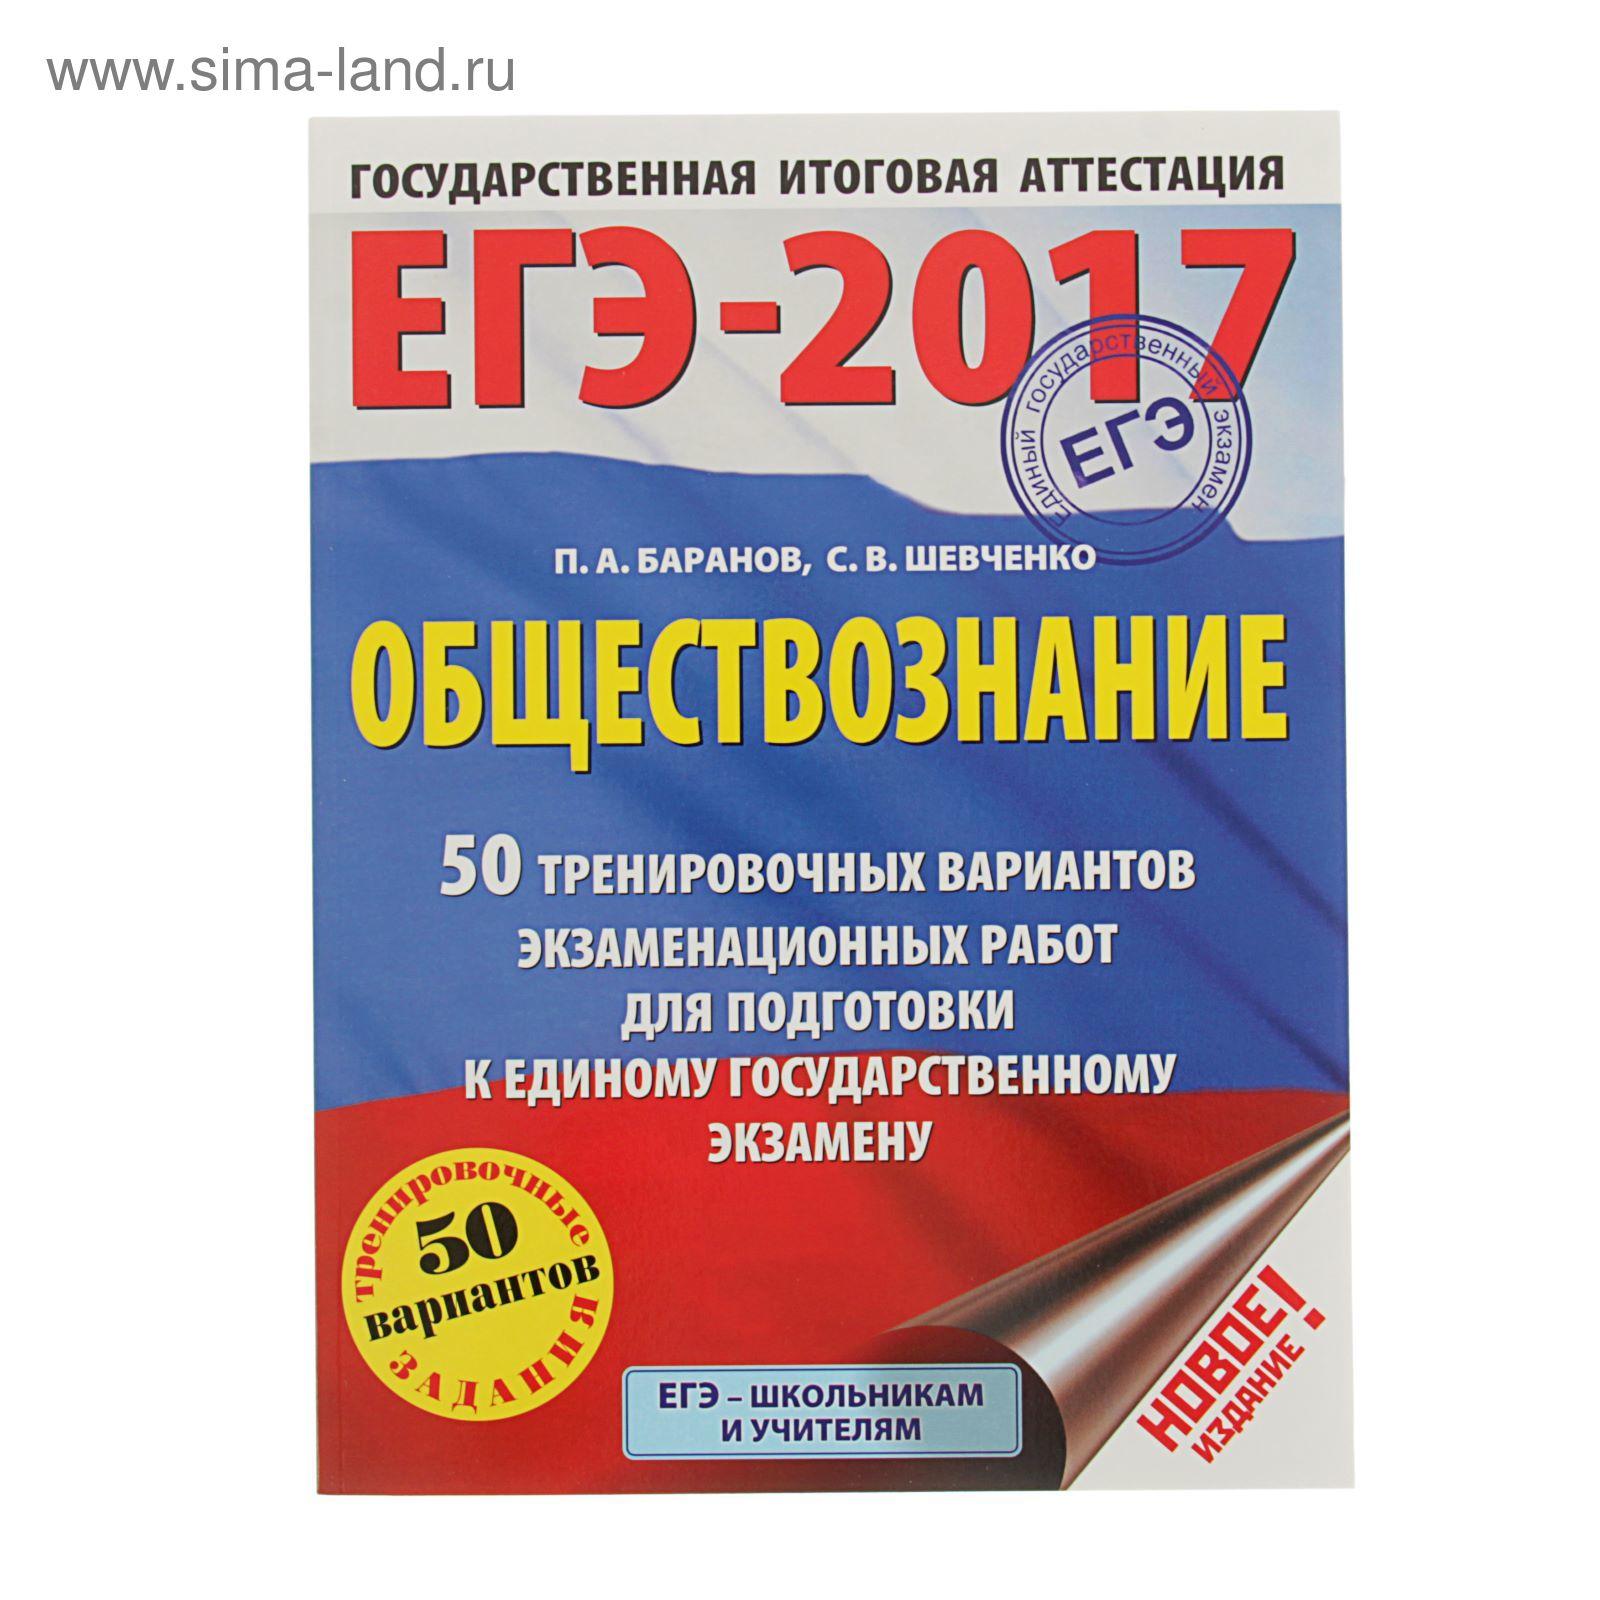 обществознание 2014 баранов шевченко 50 вариантов скачать бесплатно